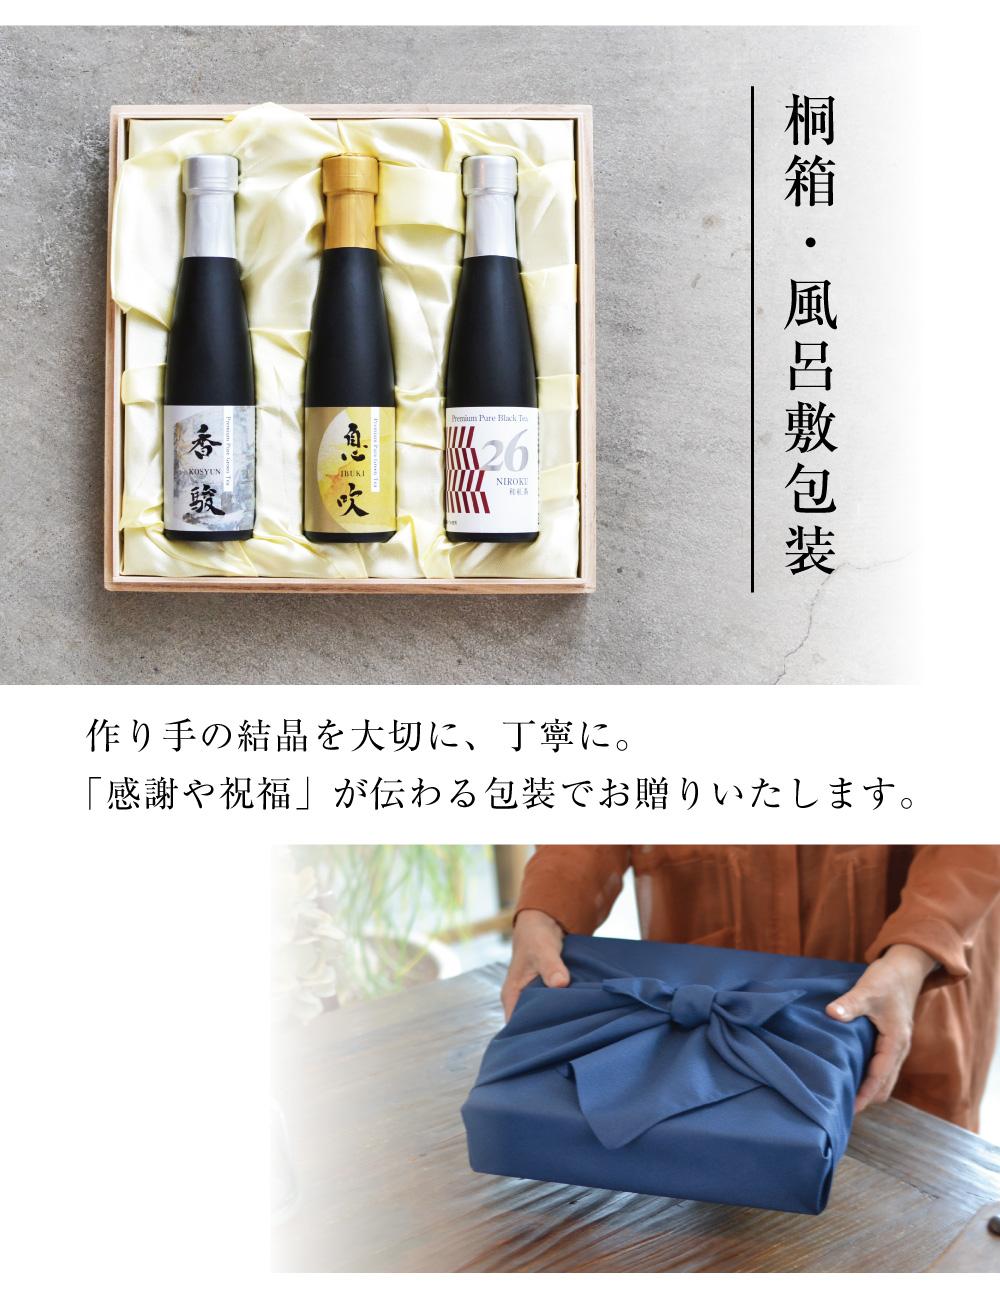 【包装や木箱】風呂敷包装 木箱 桐箱 ギフト 高級 日本茶 国産 名入れ